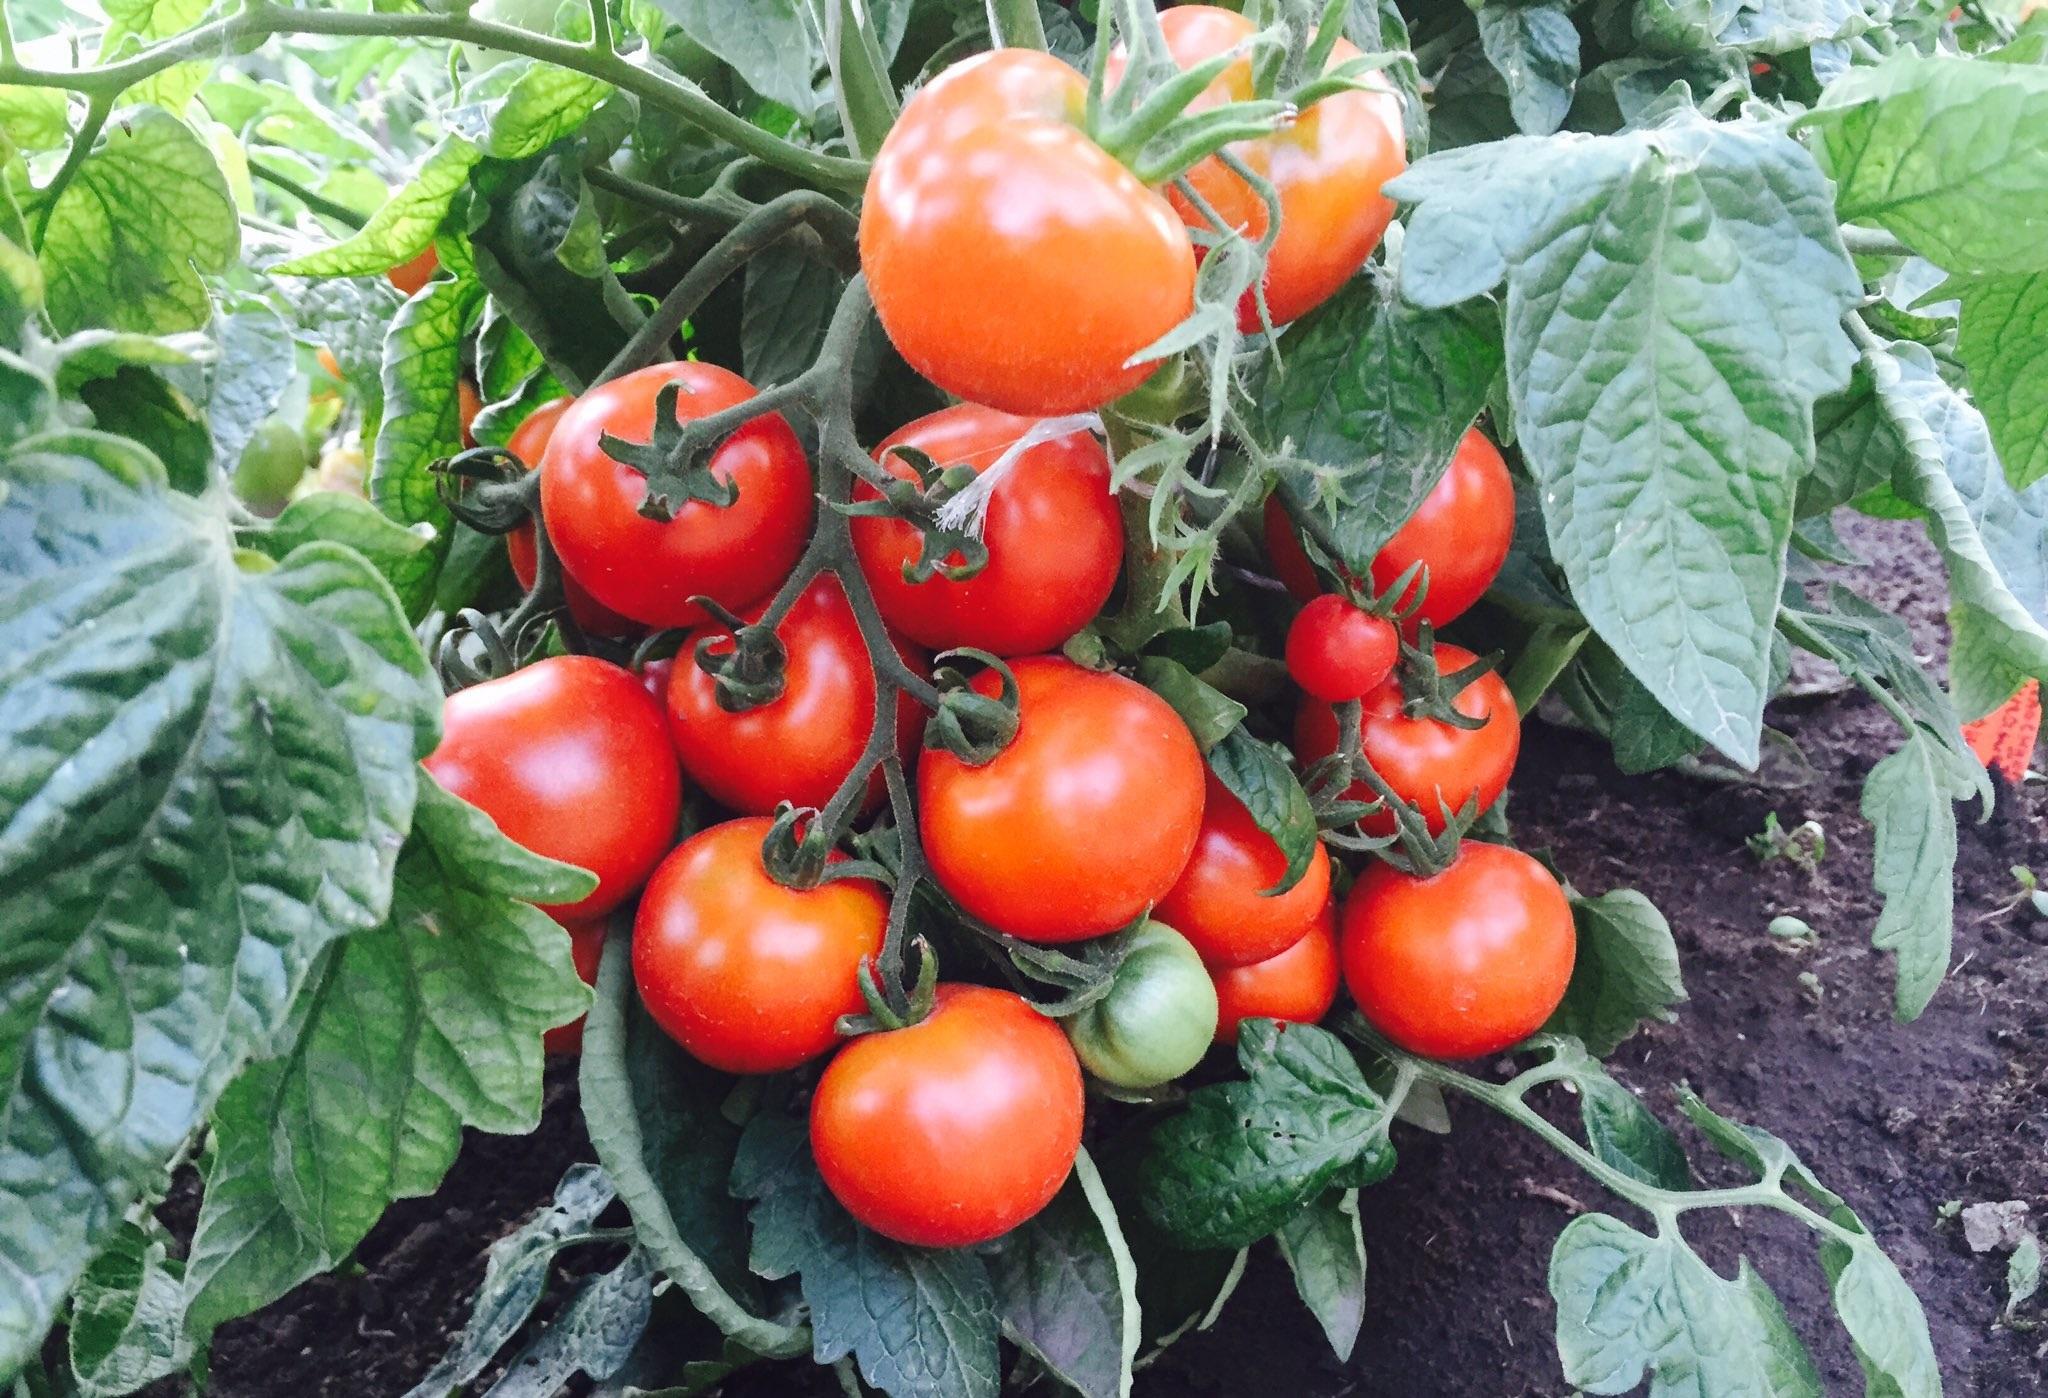 лучшие низкорослые сорта томатов для теплицы Подмосковья, Сибири, Урала, средней полосы, северо-западных регионов